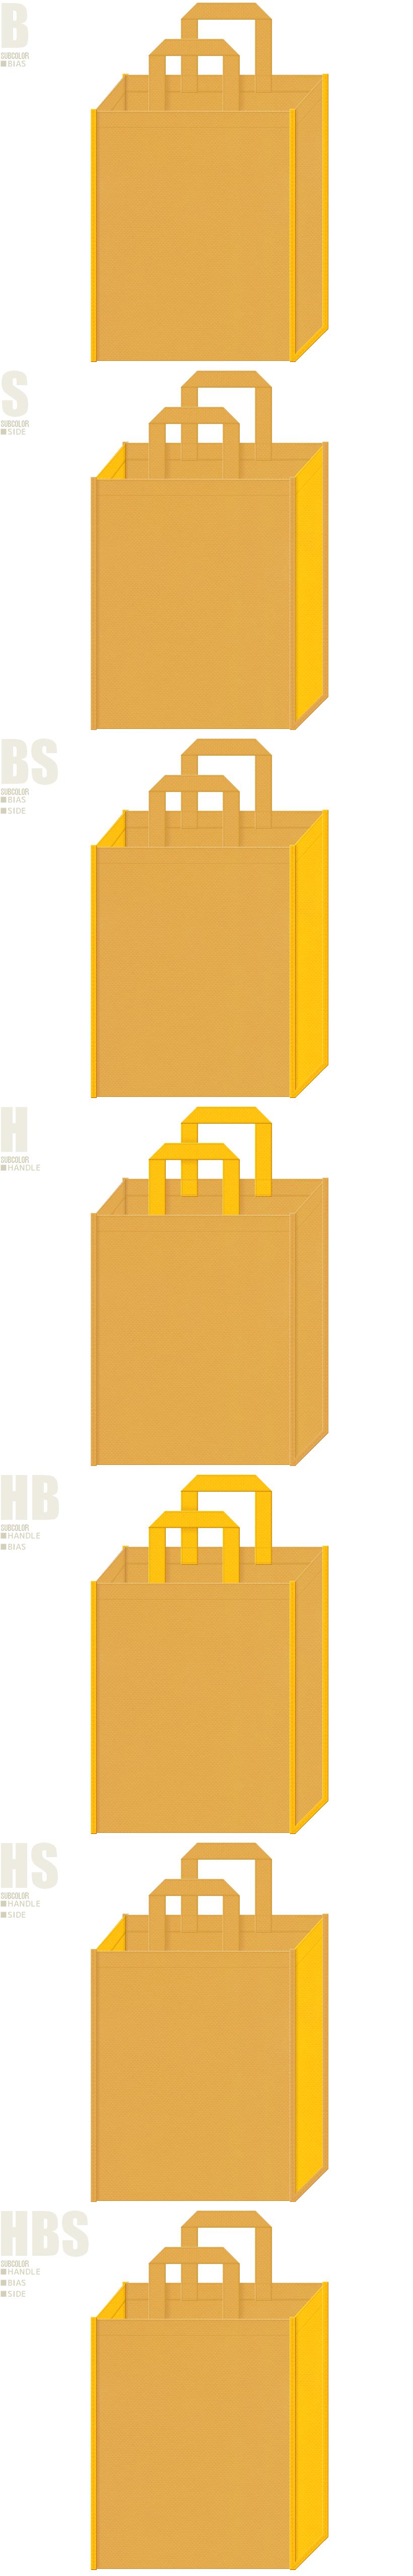 黄土色と黄色、7パターンの不織布トートバッグ配色デザイン例。ラクダ、砂漠、ピラミッド、黄金イメージの不織布バッグにお奨めの配色です。